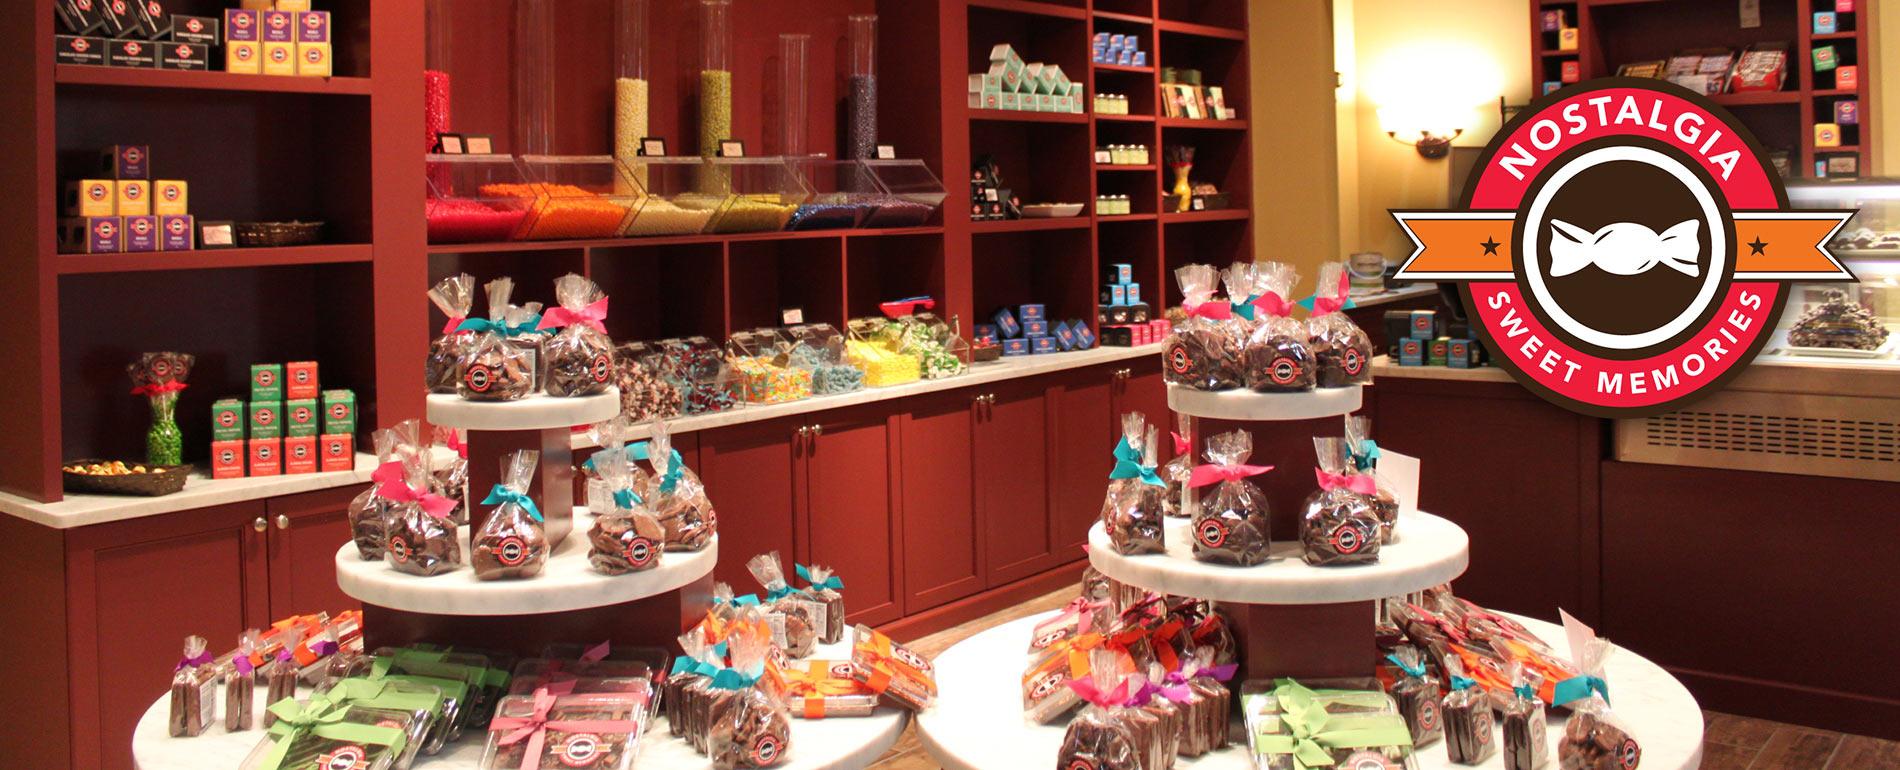 Pocono Nostalgia Candy store